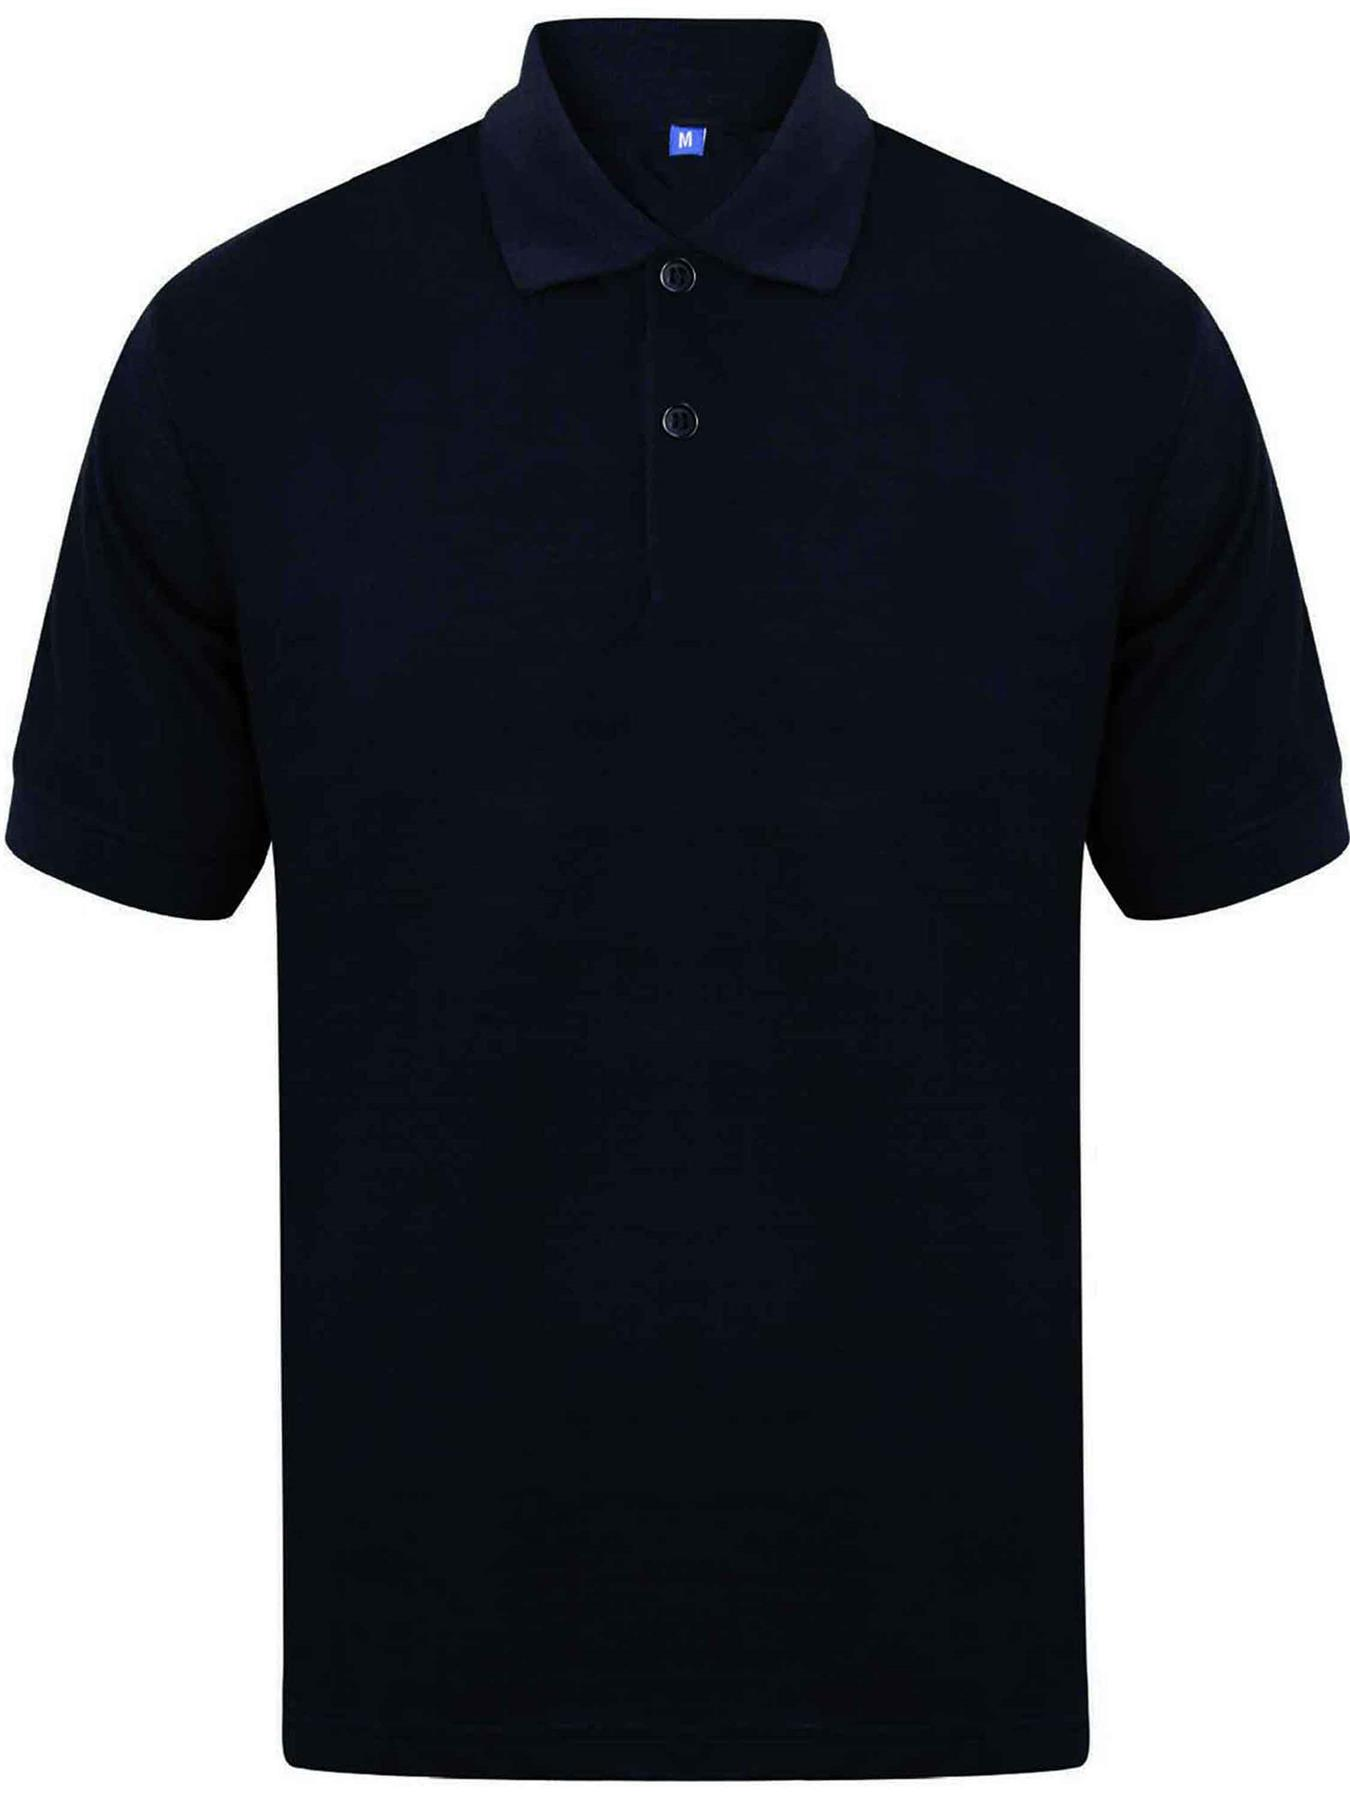 Indexbild 16 - Herren Polohemd Freizeit T-Shirts Neu Schlicht Kurzärmeliges Regular Fit